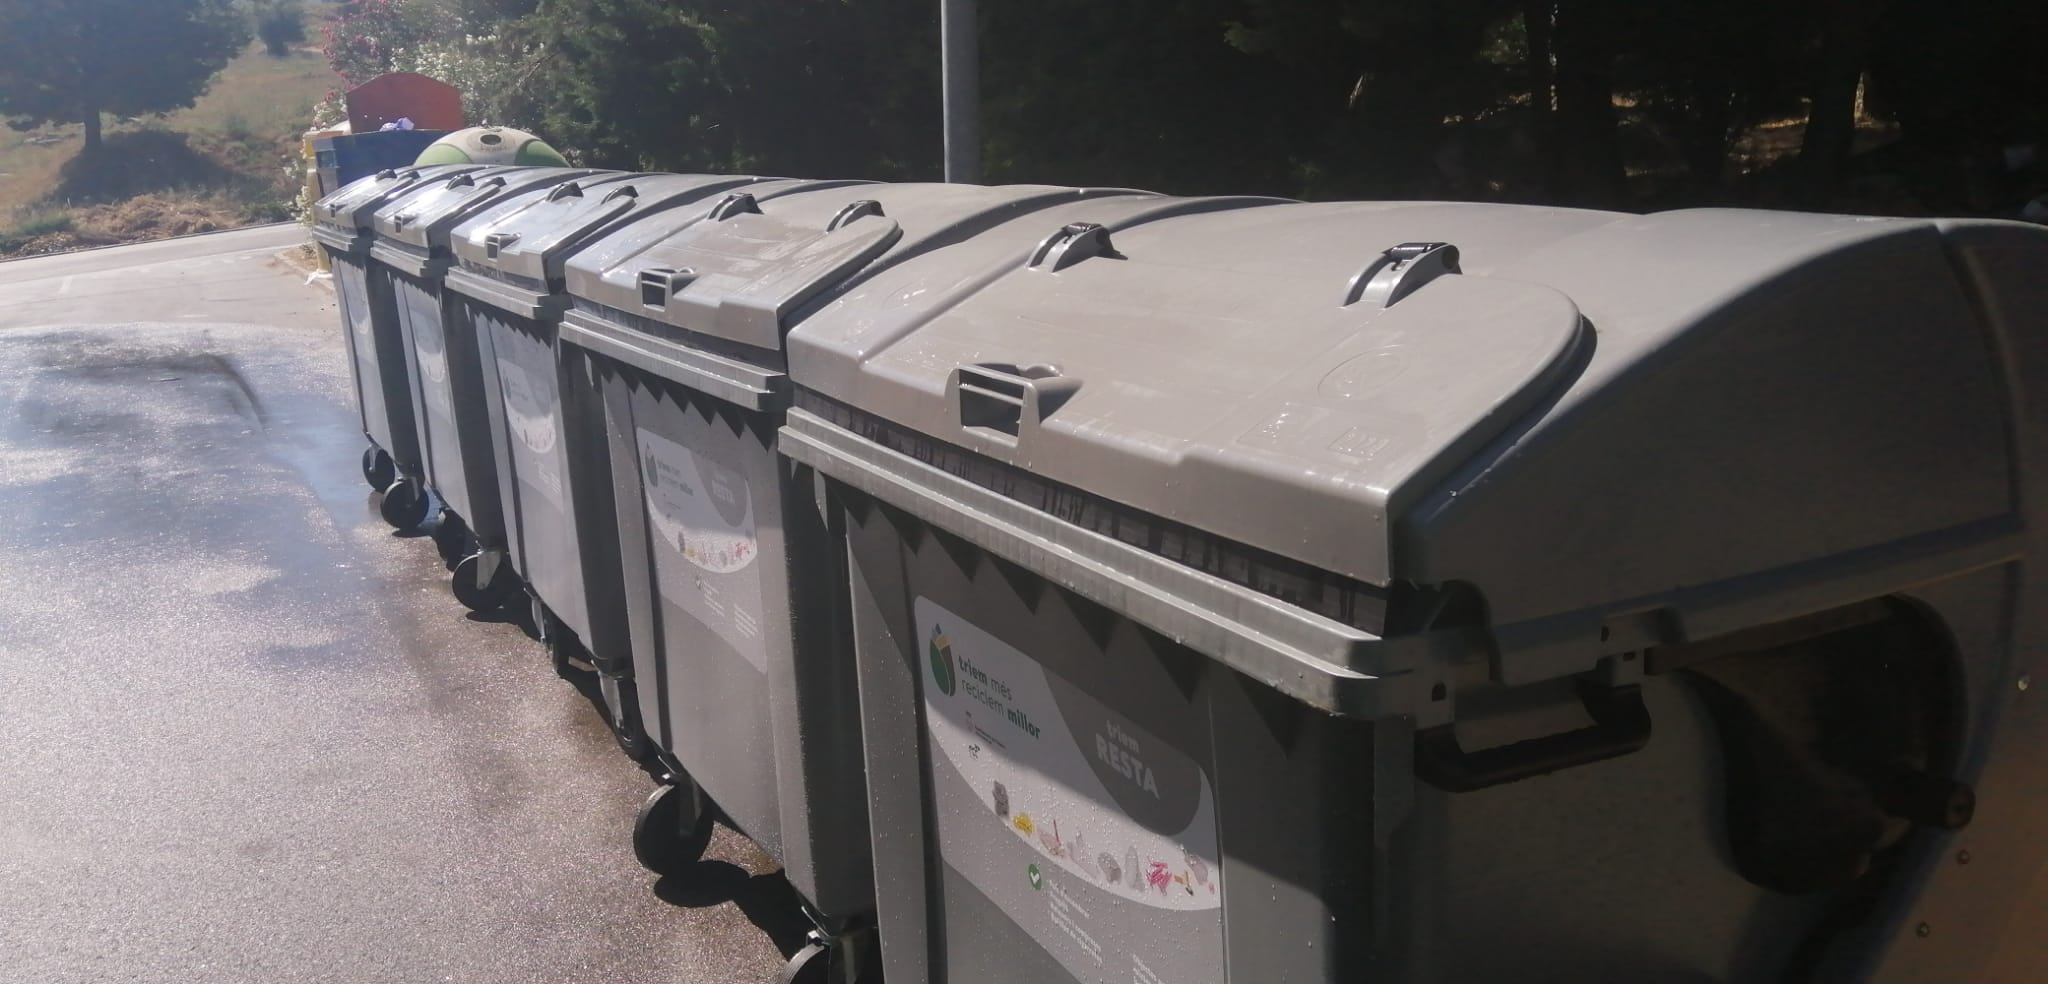 Roses inicia la renovació dels contenidors de residus amb la substitució de 432 contenidors de rebuig